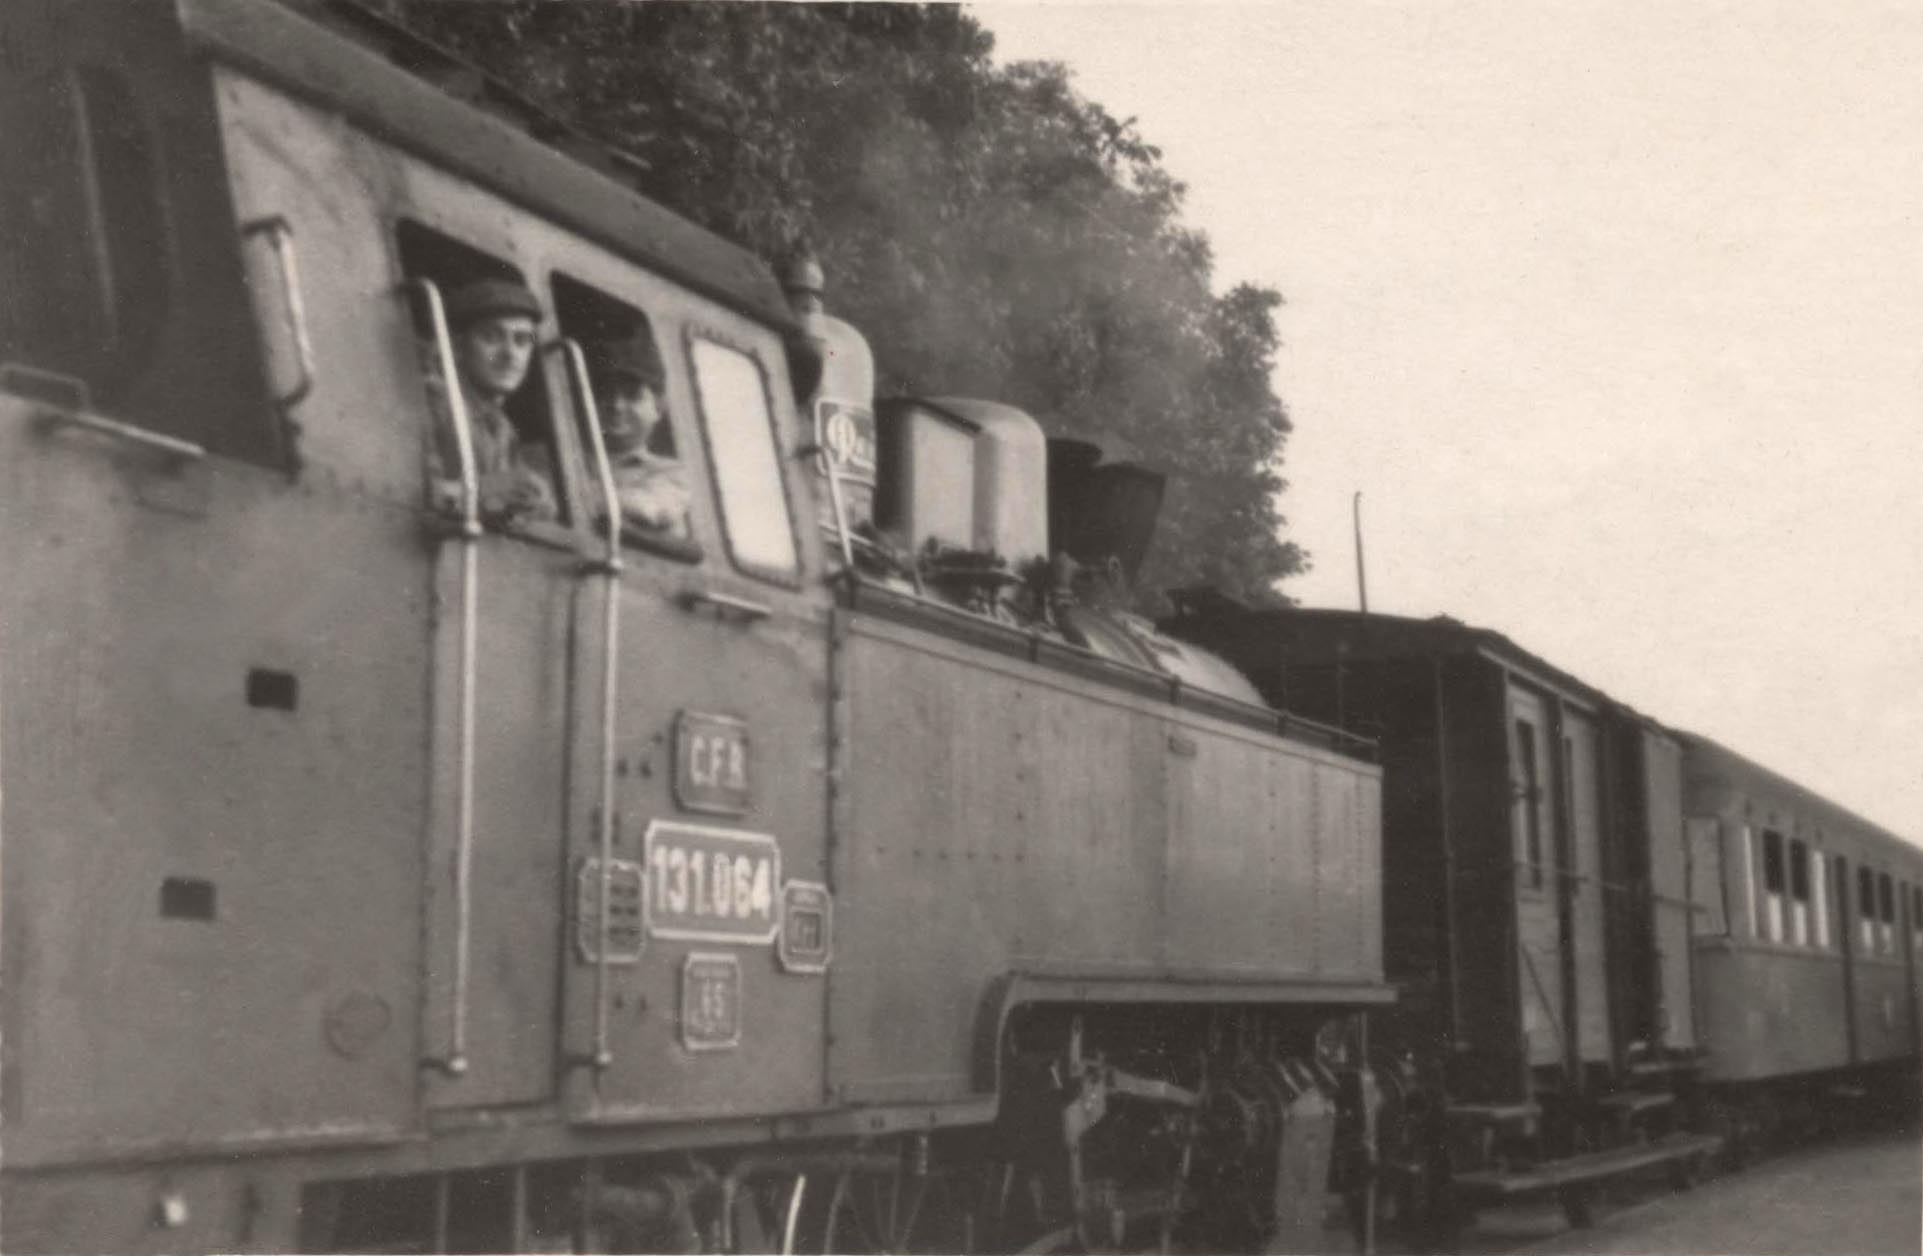 locomotiva cu abur 131.064 în Cermei - la data de 1.09.1956